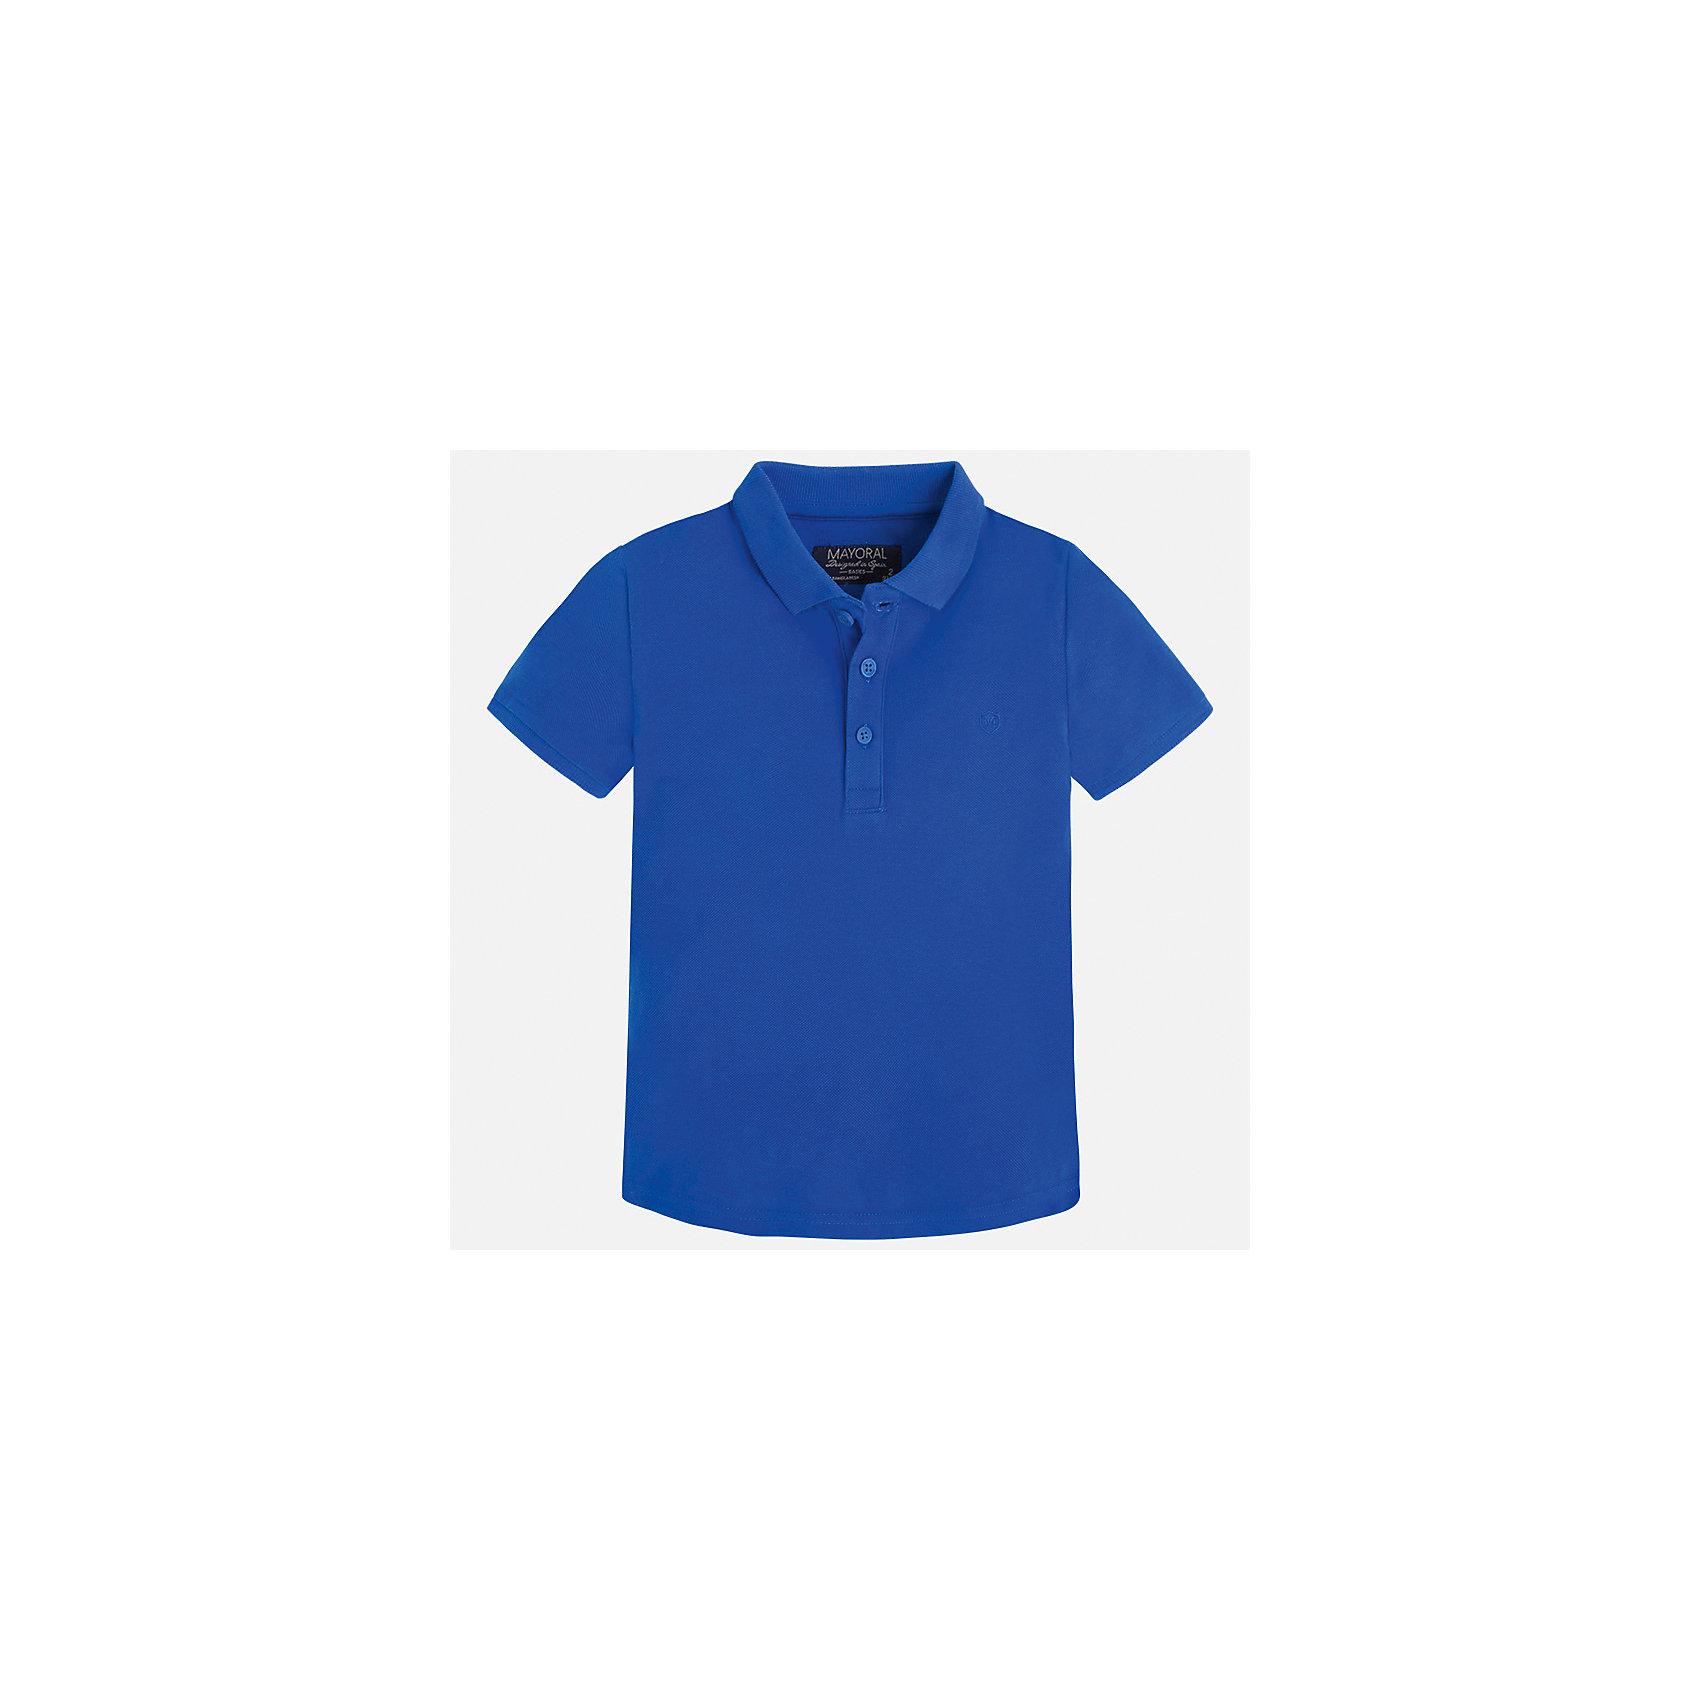 Футболка-поло для мальчика MayoralХарактеристики товара:<br><br>• цвет: синий<br>• состав: 100% хлопок<br>• отложной воротник<br>• короткие рукава<br>• застежка: пуговицы<br>• вышивка на груди<br>• страна бренда: Испания<br><br>Стильная удобная футболка-поло для мальчика может стать базовой вещью в гардеробе ребенка. Она отлично сочетается с брюками, шортами, джинсами и т.д. Универсальный крой и цвет позволяет подобрать к вещи низ разных расцветок. Практичное и стильное изделие! В составе материала - только натуральный хлопок, гипоаллергенный, приятный на ощупь, дышащий.<br><br>Одежда, обувь и аксессуары от испанского бренда Mayoral полюбились детям и взрослым по всему миру. Модели этой марки - стильные и удобные. Для их производства используются только безопасные, качественные материалы и фурнитура. Порадуйте ребенка модными и красивыми вещами от Mayoral! <br><br>Футболку-поло для мальчика от испанского бренда Mayoral (Майорал) можно купить в нашем интернет-магазине.<br><br>Ширина мм: 230<br>Глубина мм: 40<br>Высота мм: 220<br>Вес г: 250<br>Цвет: голубой<br>Возраст от месяцев: 18<br>Возраст до месяцев: 24<br>Пол: Мужской<br>Возраст: Детский<br>Размер: 92,134,128,122,116,110,104,98<br>SKU: 5277740